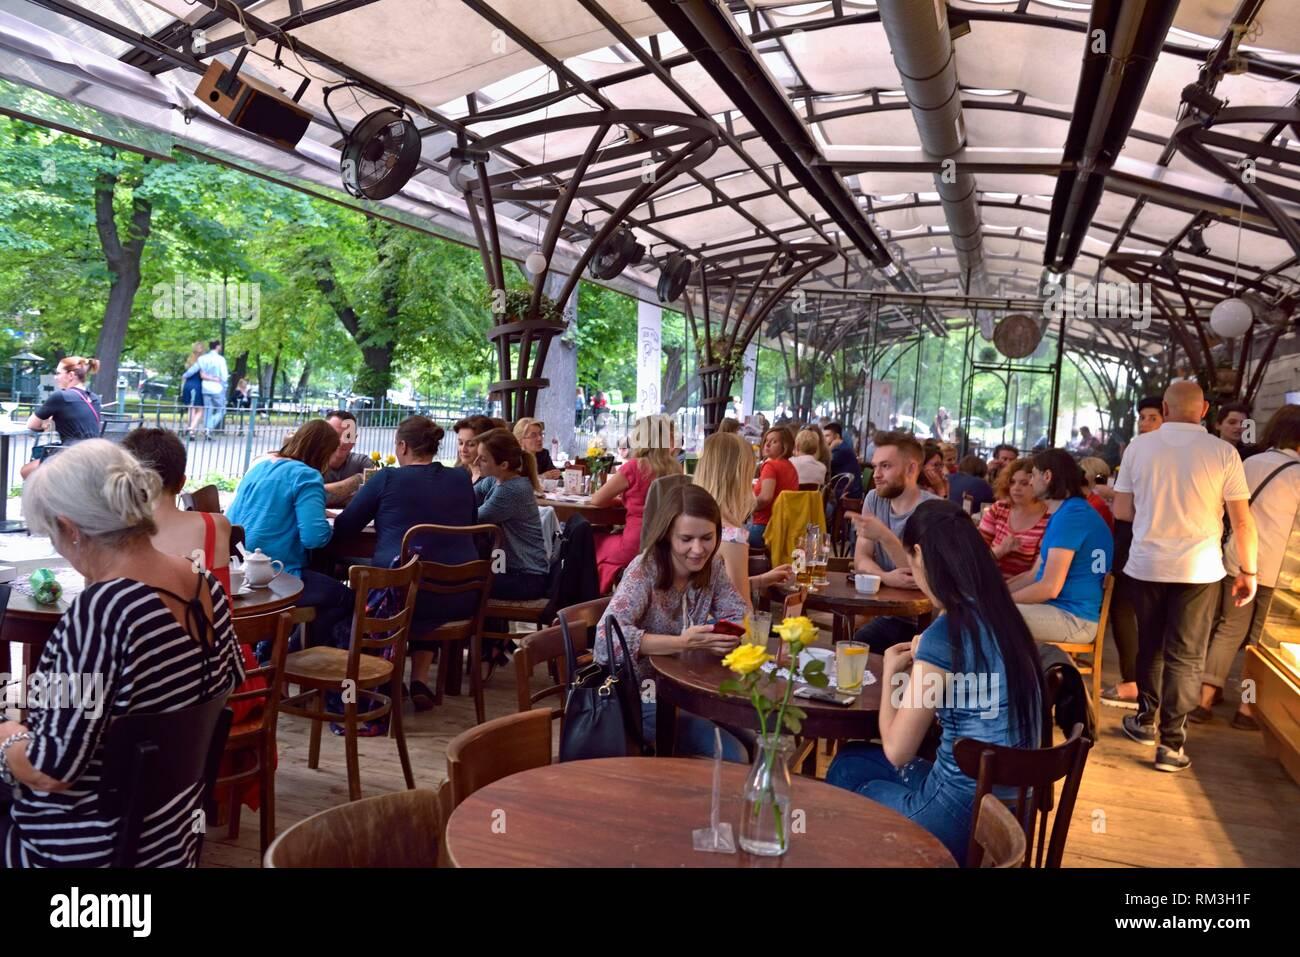 Bunker Café Con Terraza En El Centro De Los Jardines Planty